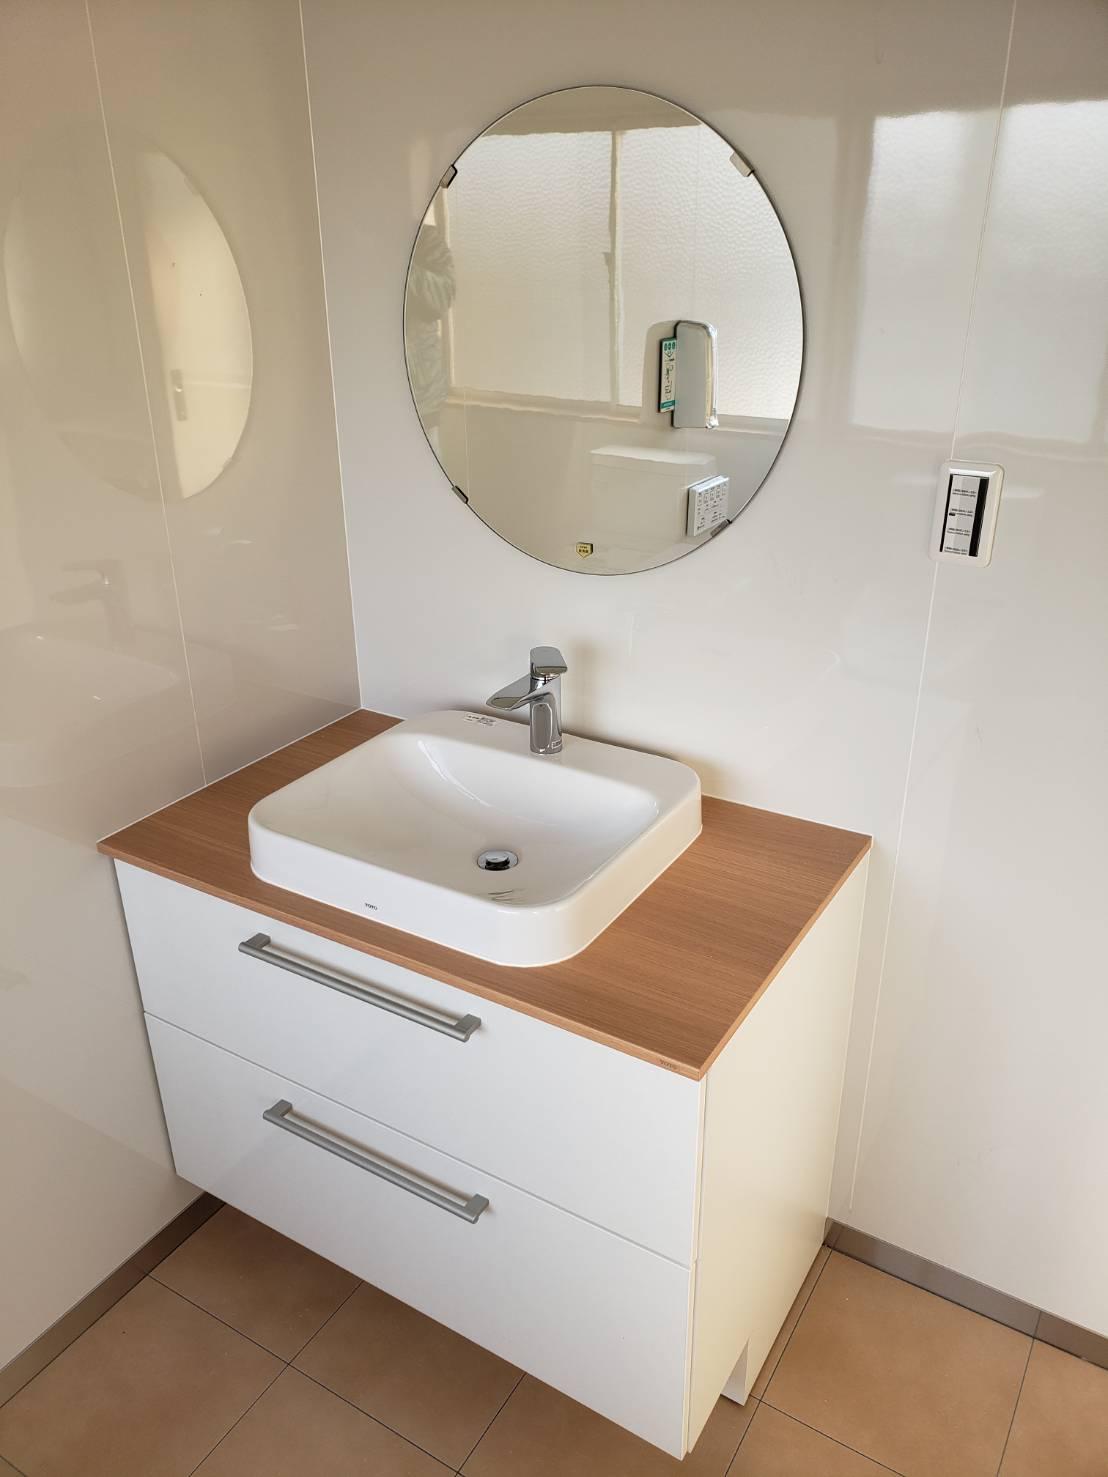 更衣室としても利用できるくらいの広々サニタリールーム